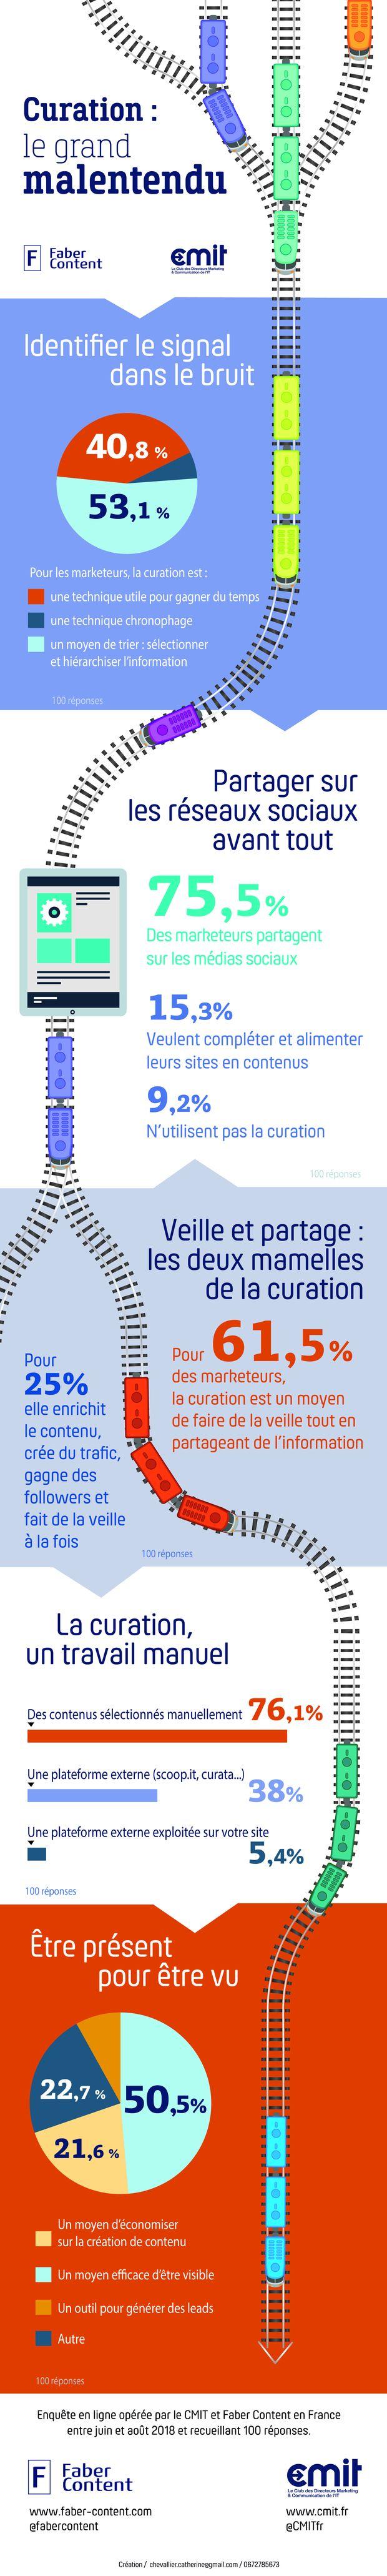 Infographie sur la curation en marketing B2B